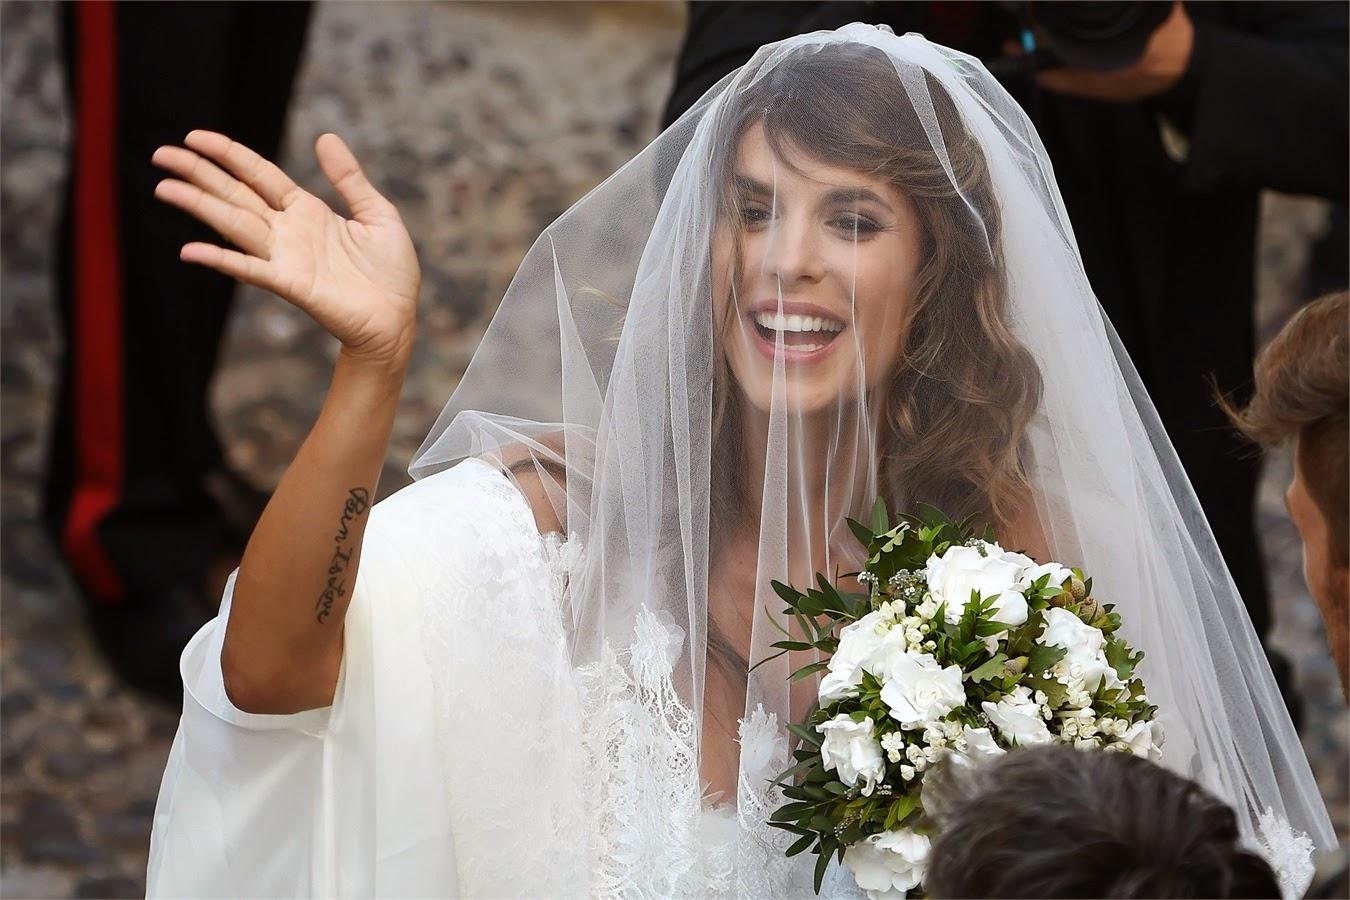 Lacconciatura da sposa con velo lungo con Pinkblog - acconciature sposa con  velo 288ff01339db